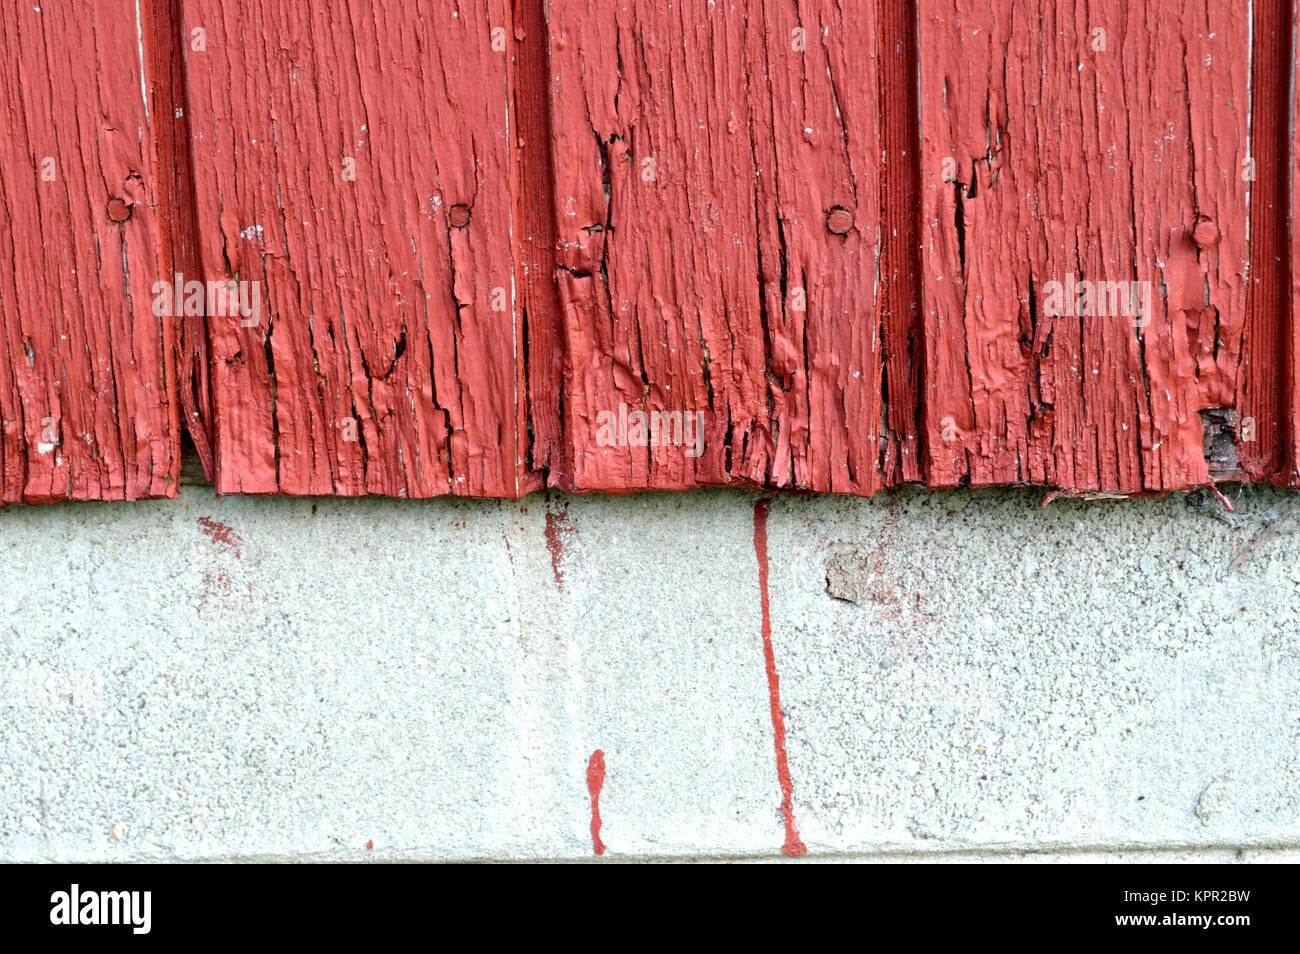 Angebrochen rote Farbe Hintergrund Stockbild